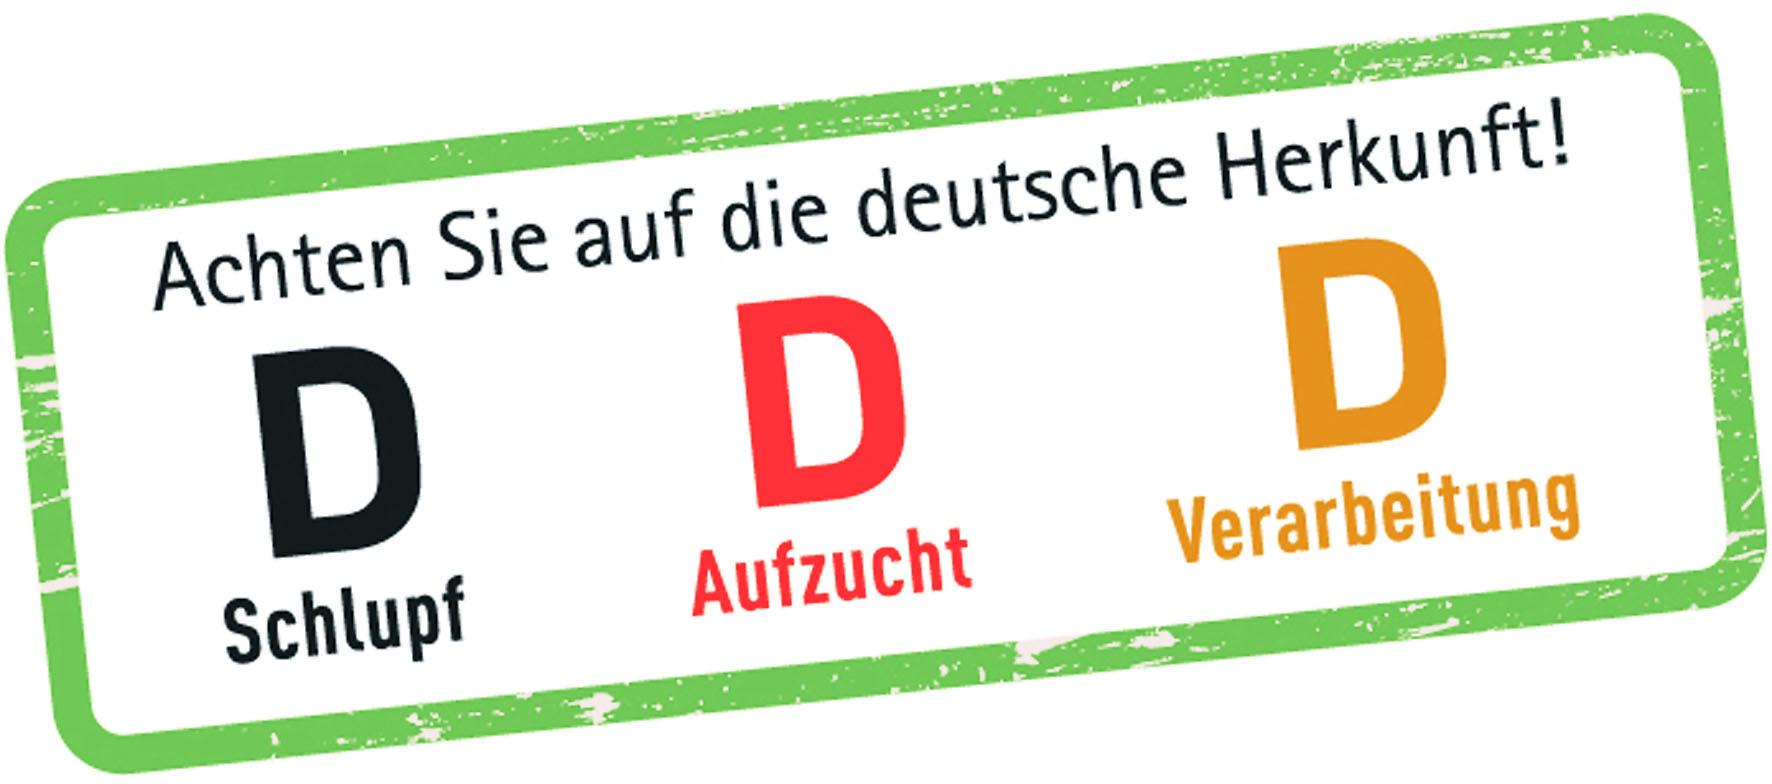 """Beim Einkauf sollte man auf die deutsche Herkunft von Geflügelfleisch achten, zu erkennen an den """"D"""" auf der Verpackung. Diese stehen für eine streng kontrollierte heimische Erzeugung nach hohen Standards für den Tier-, Umwelt- und Verbraucherschutz."""